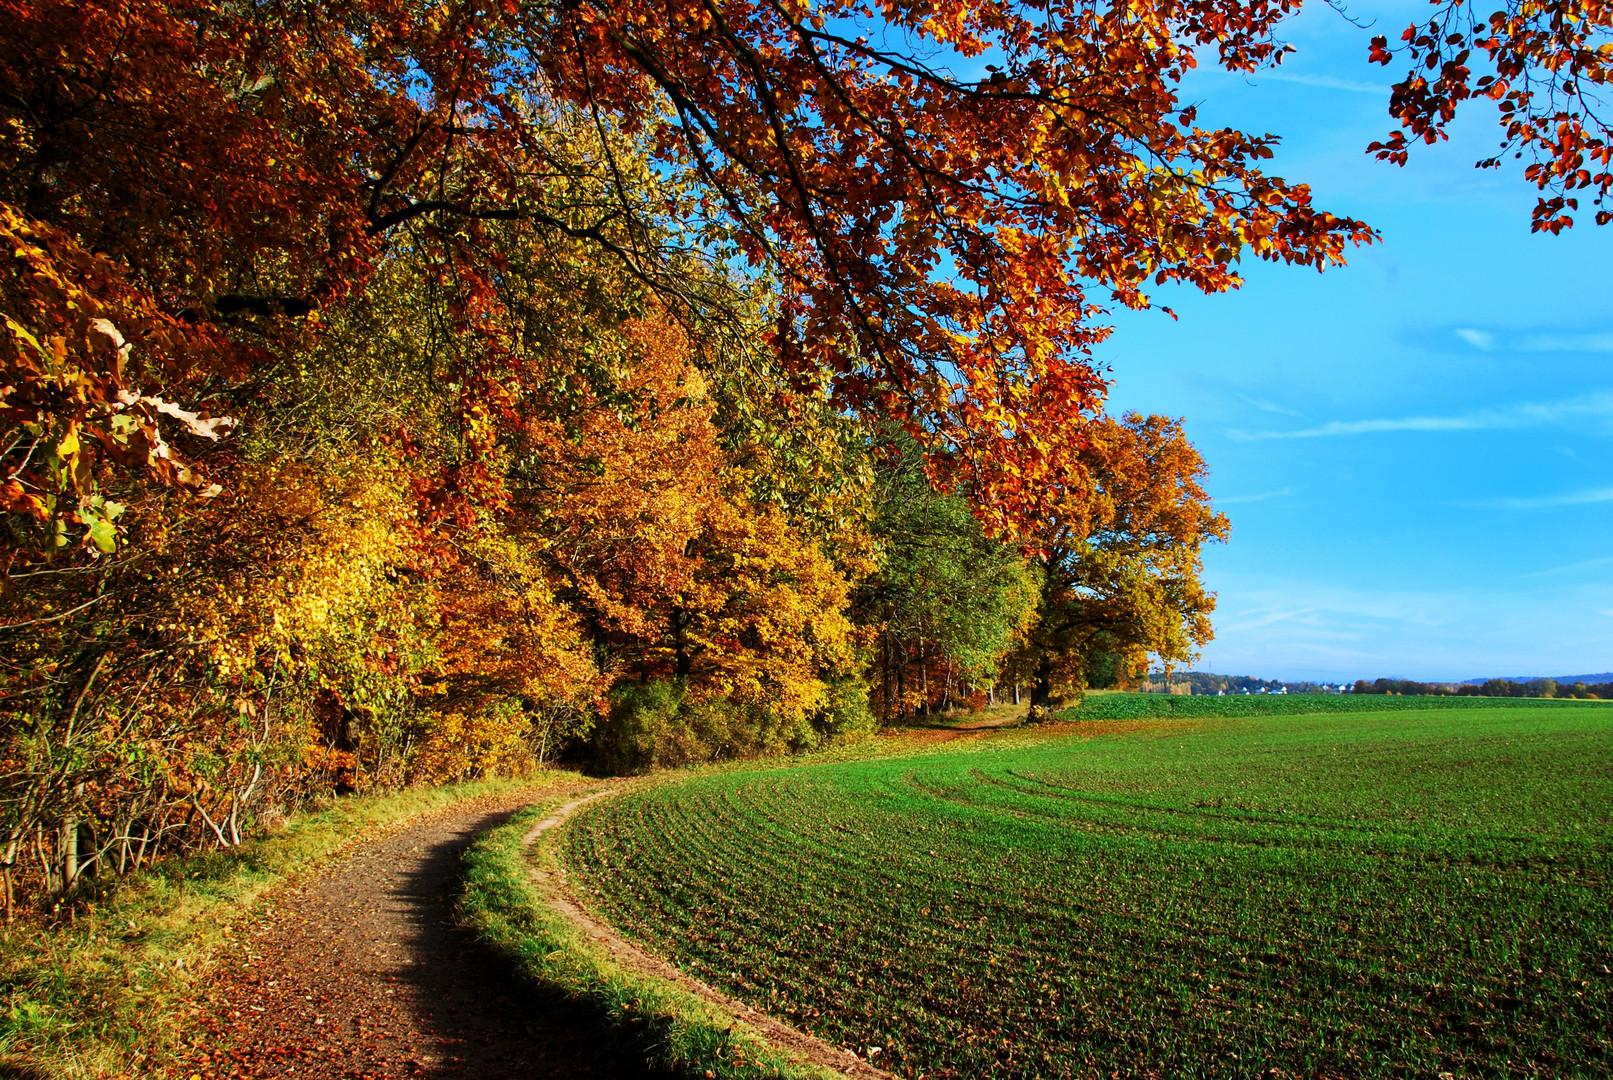 Am Waldrand entlang...